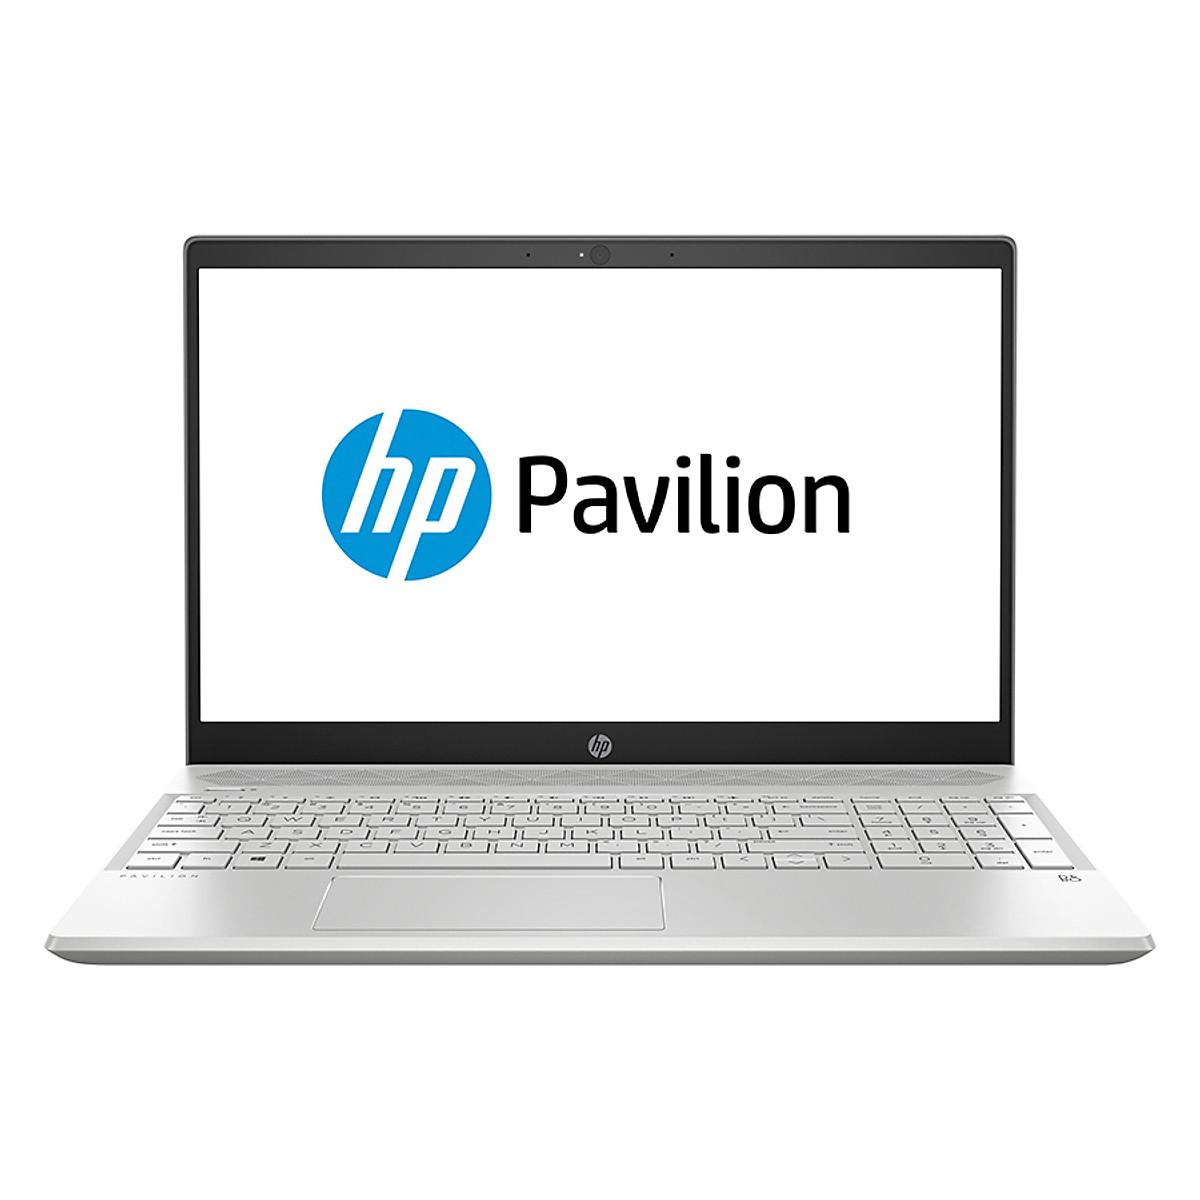 HP Pavilion 15 (2021) review